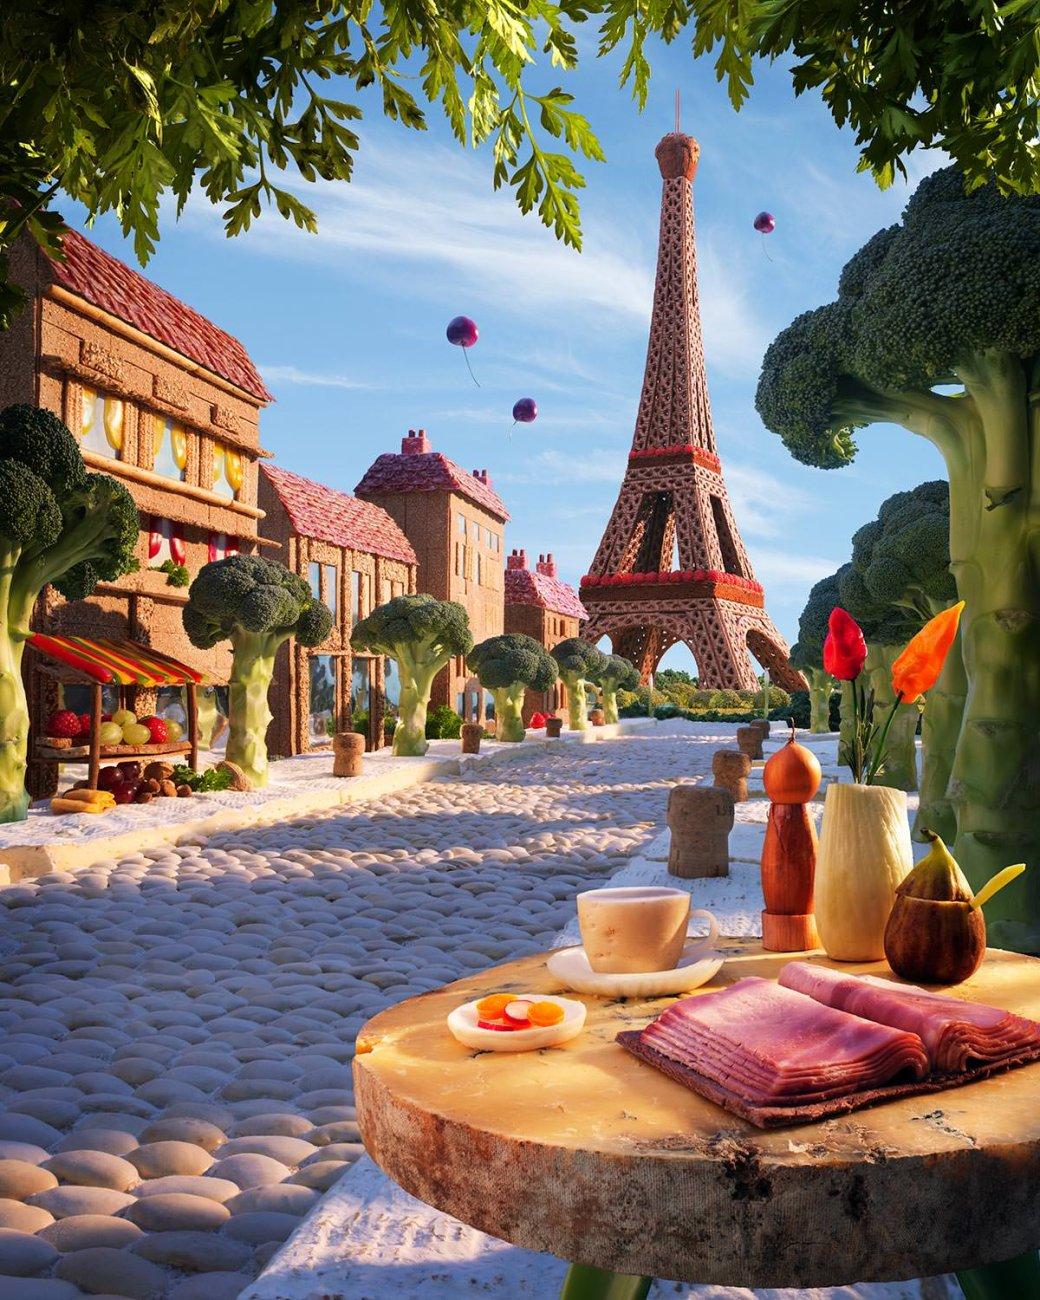 Фотограф создает сказочные пейзажи, используя только еду   Канобу - Изображение 13820